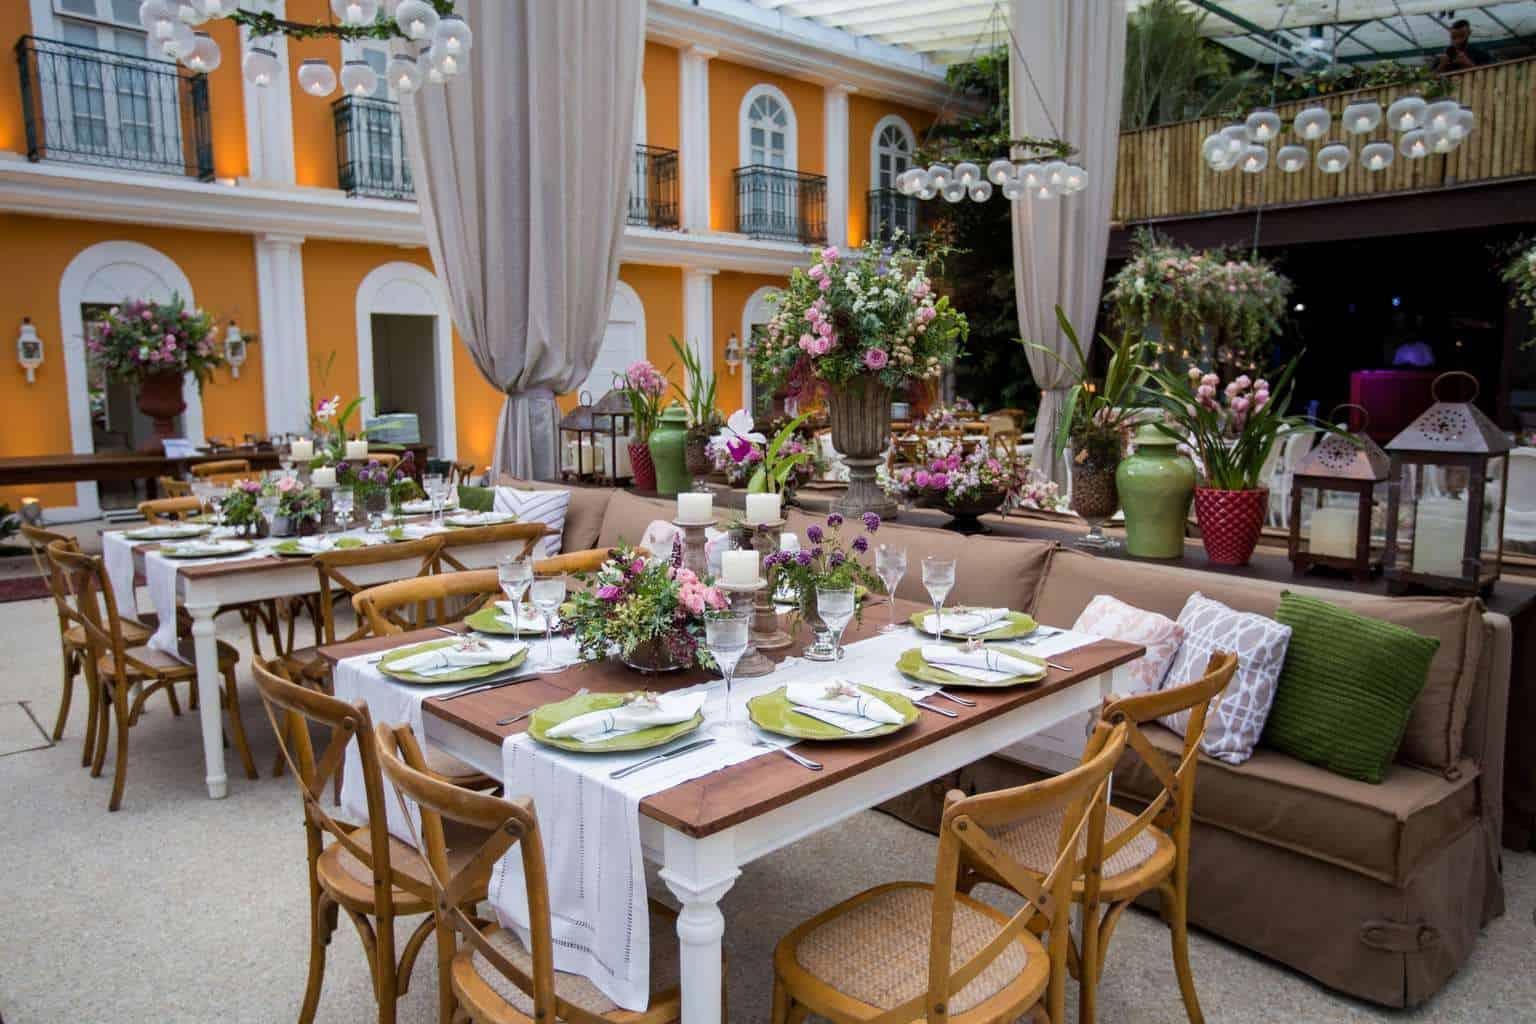 Andrea-Kapps-casamento-de-dia-casamento-na-serra-casamento-romântico-casamento-tradicional-decor-festa-decoração-Locanda-de-La-Mimosa-noiva-rosa-e-lilás-casamento-4